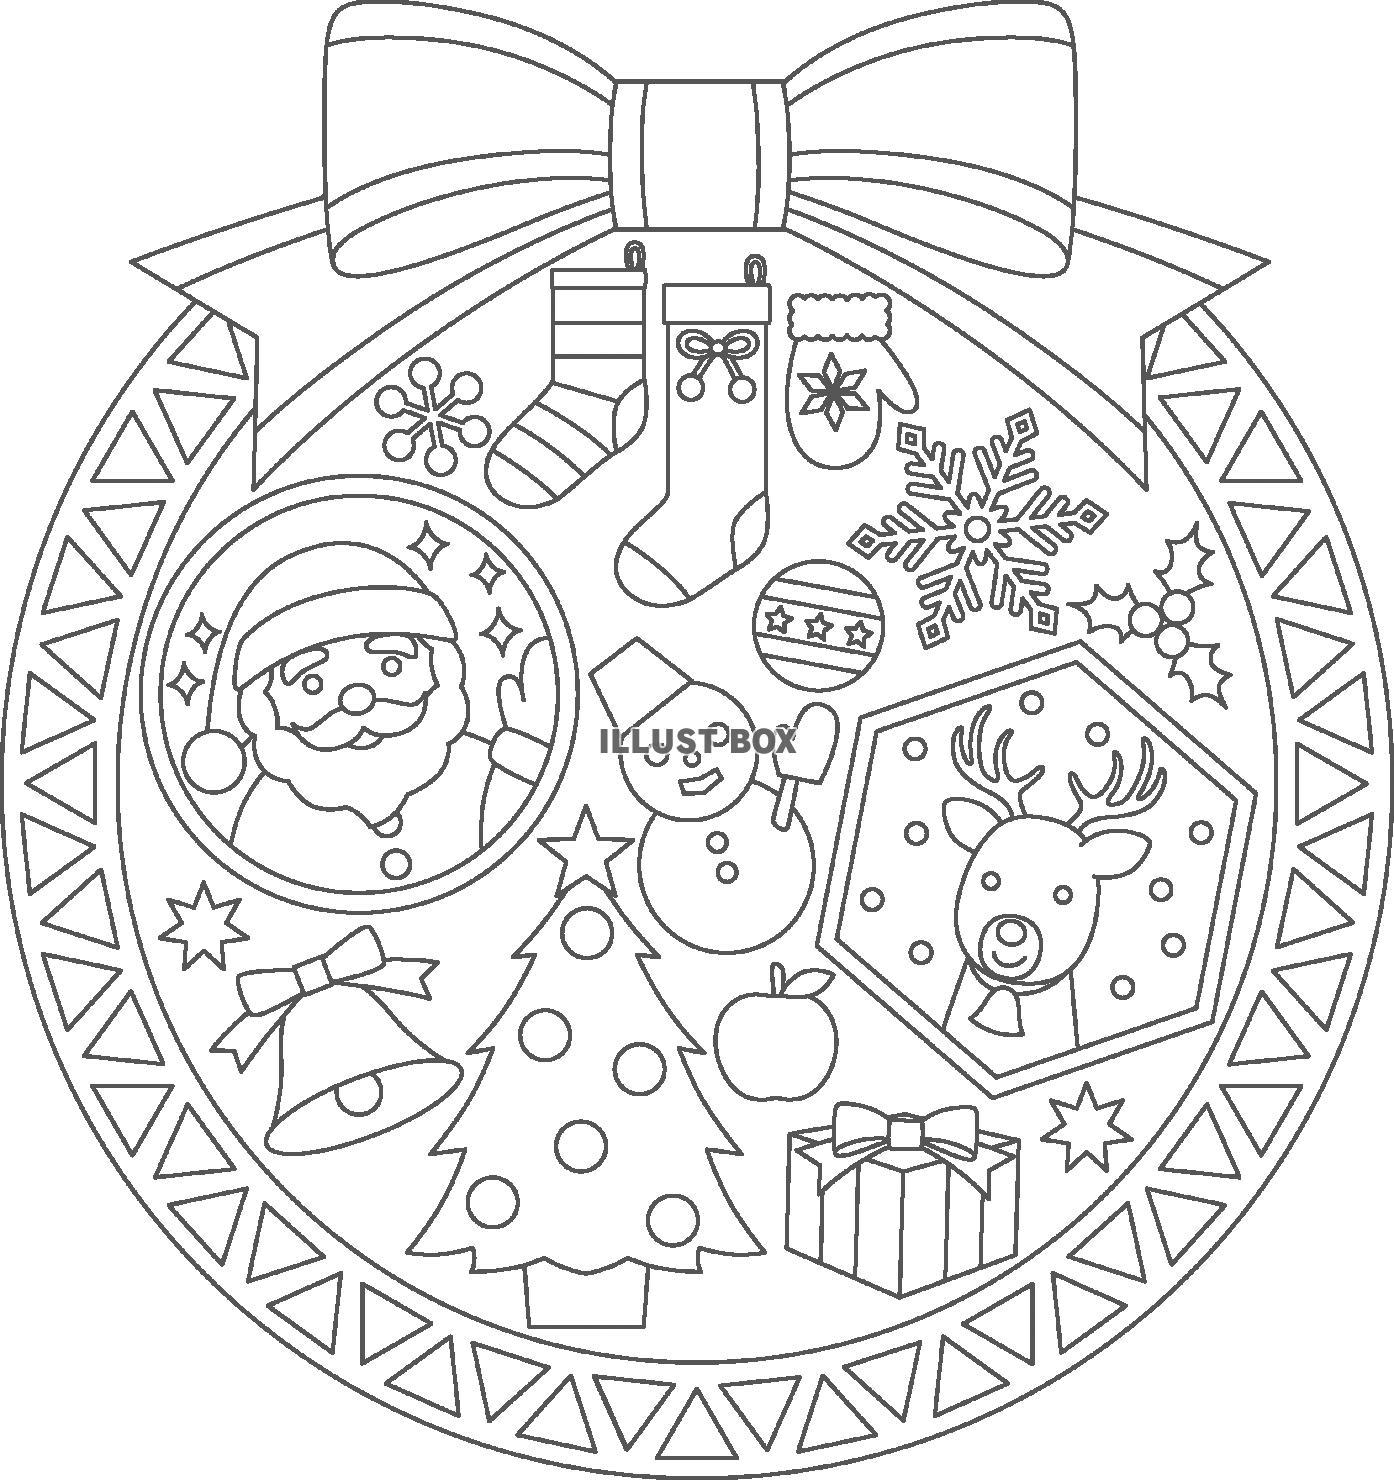 無料イラスト クリスマスのぬりえ2